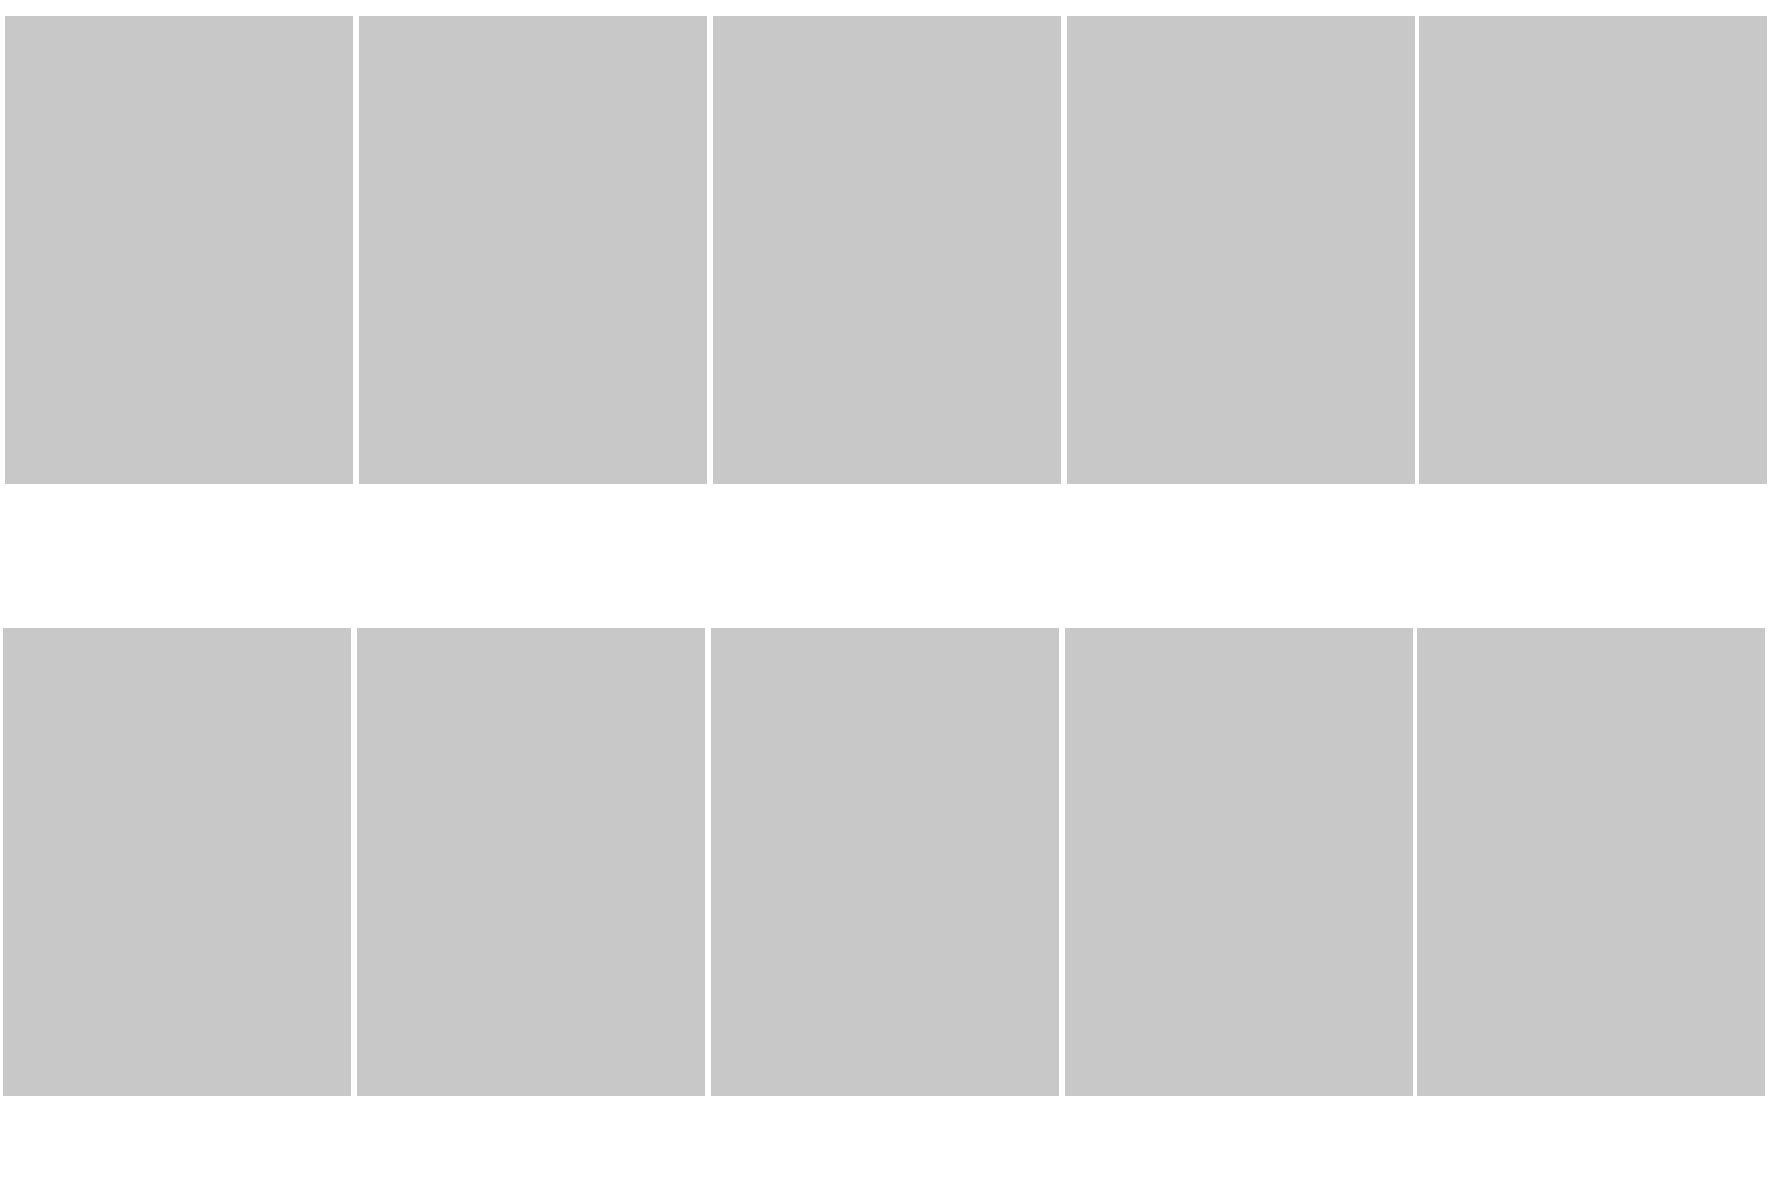 Imprimir Calendario Grande Más Actual Carnet 10×15 Calendari Novembre Of Imprimir Calendario Grande Mejores Y Más Novedosos Happy Planner Imprimible Gratis 2017 Dodlees Pinterest